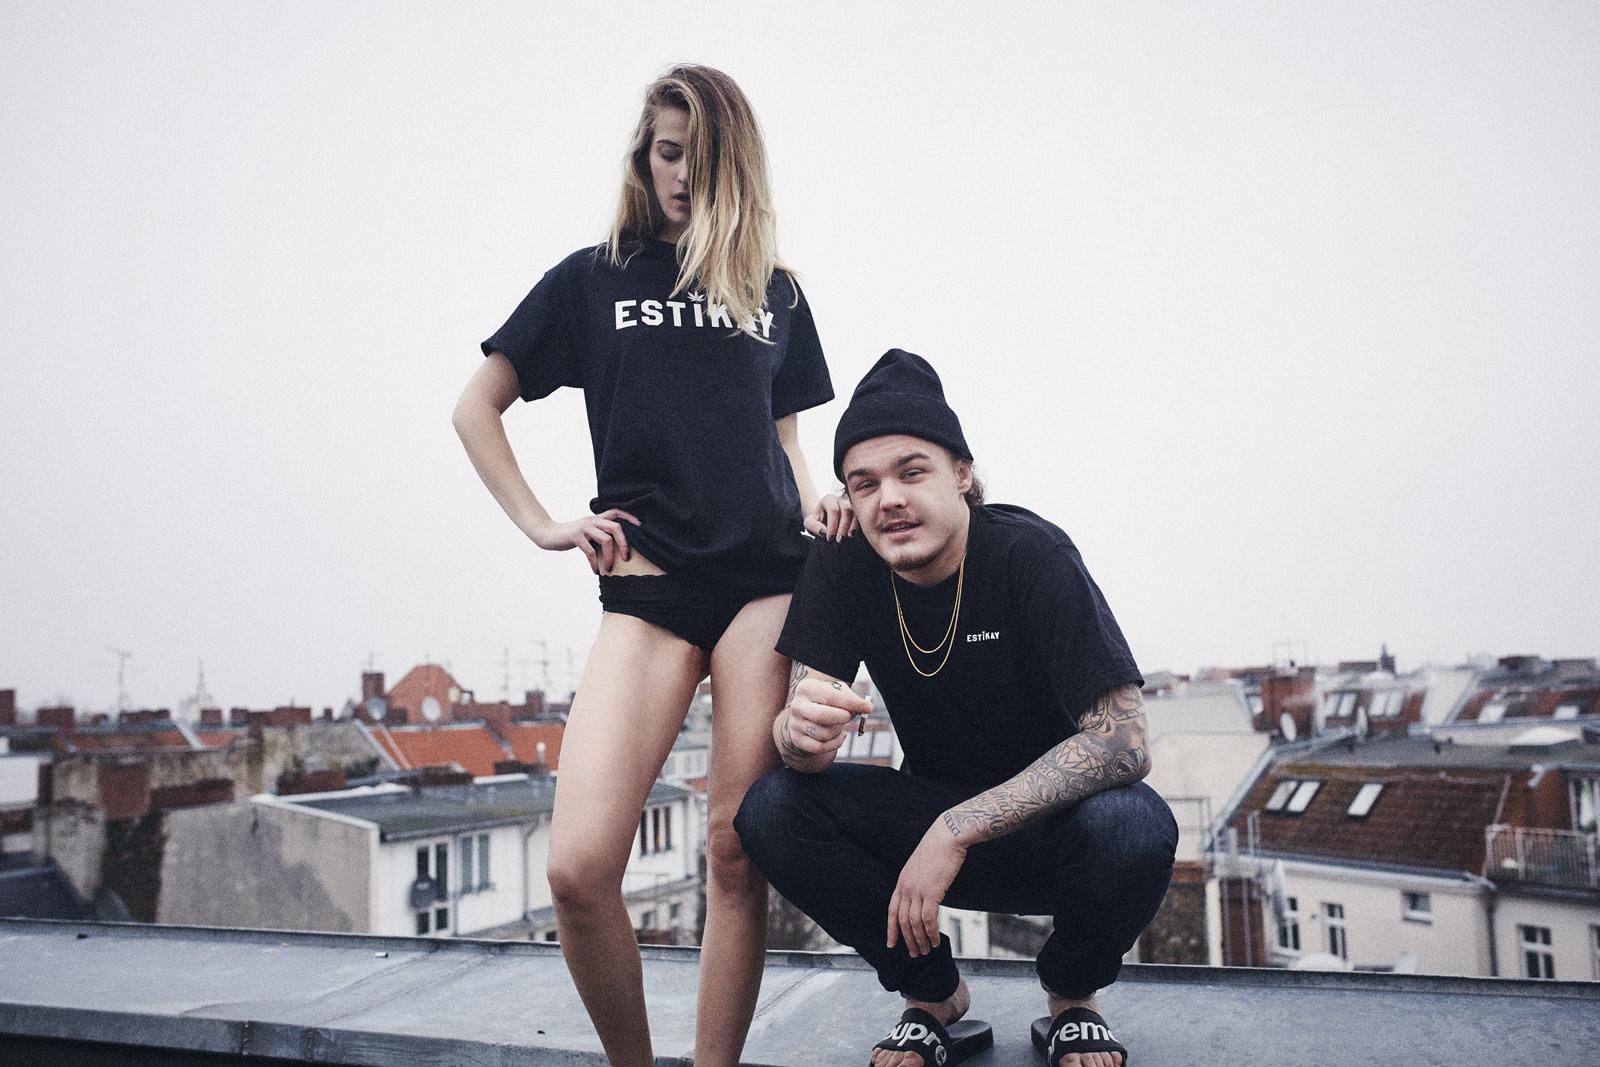 Estikay Merch 03